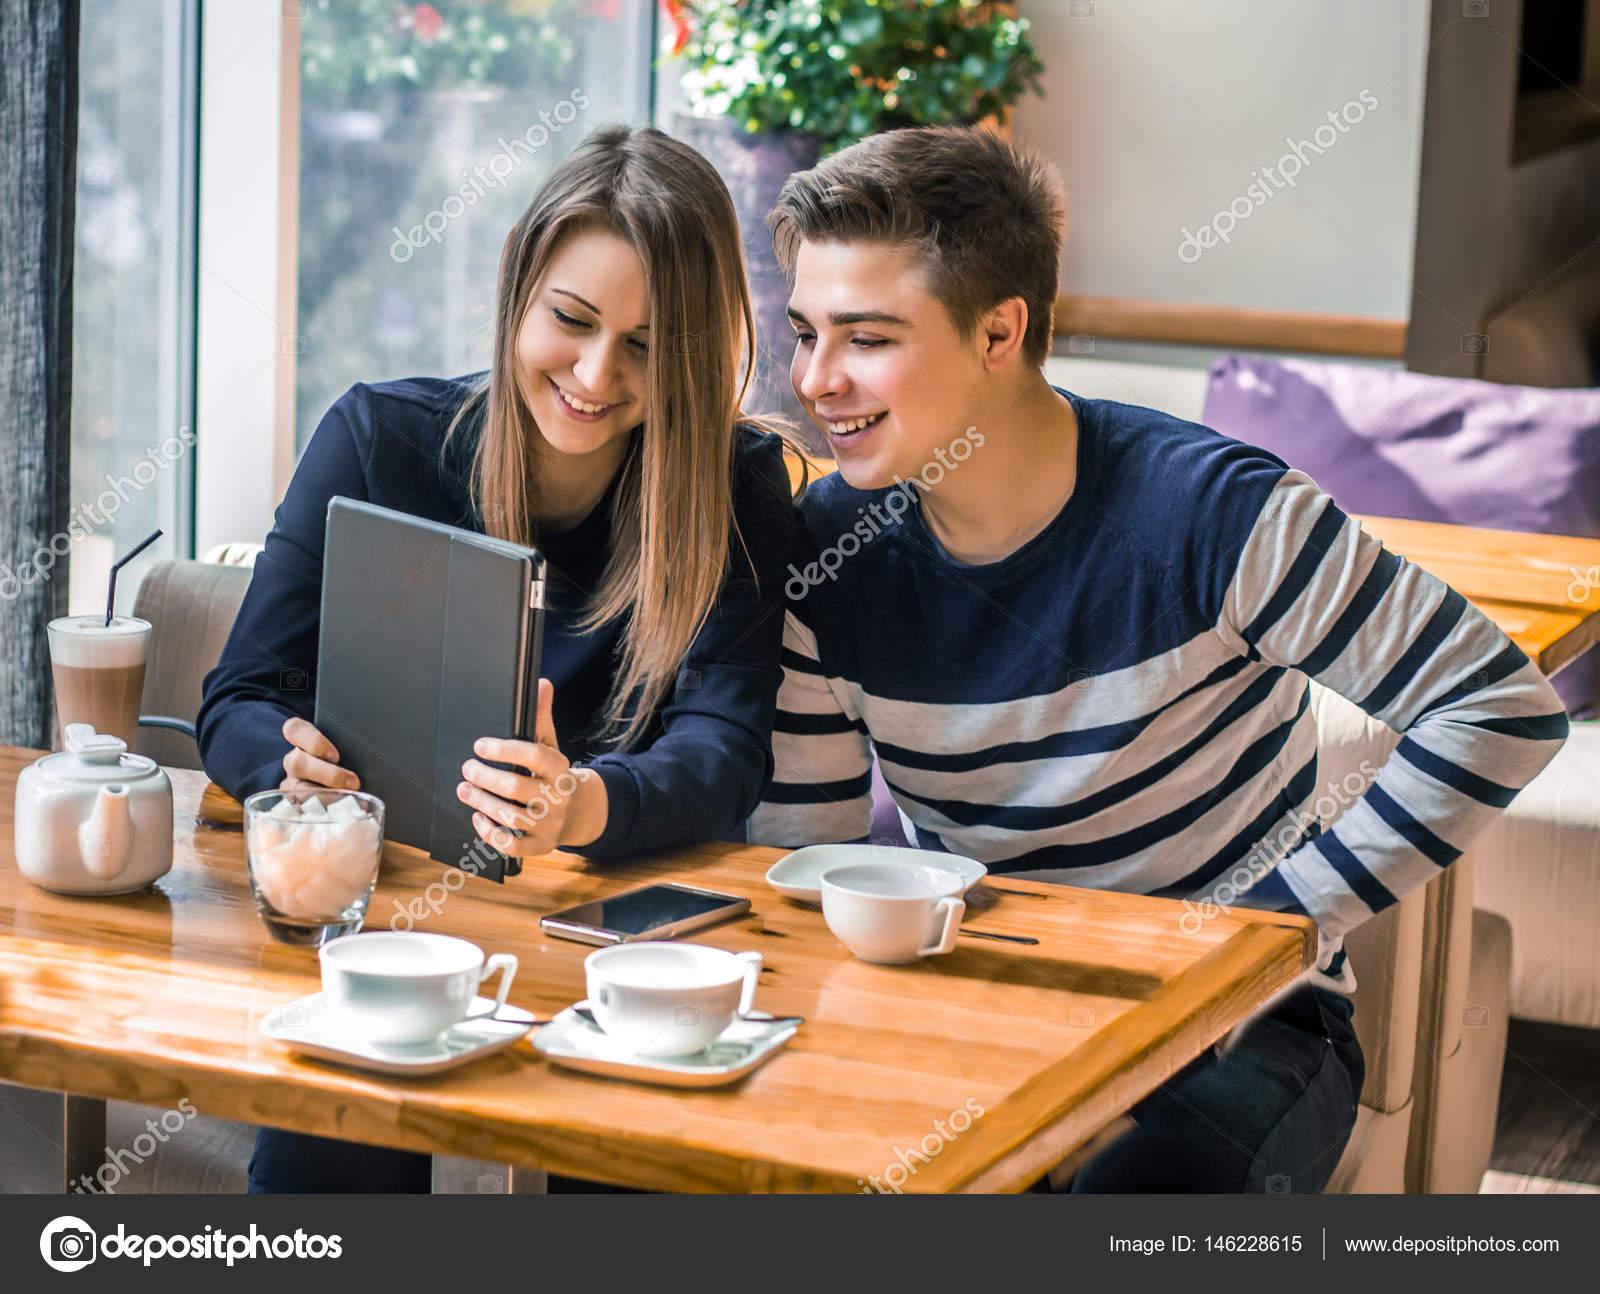 ζάχαρη μαμά ιστοσελίδες dating στην Κένυα